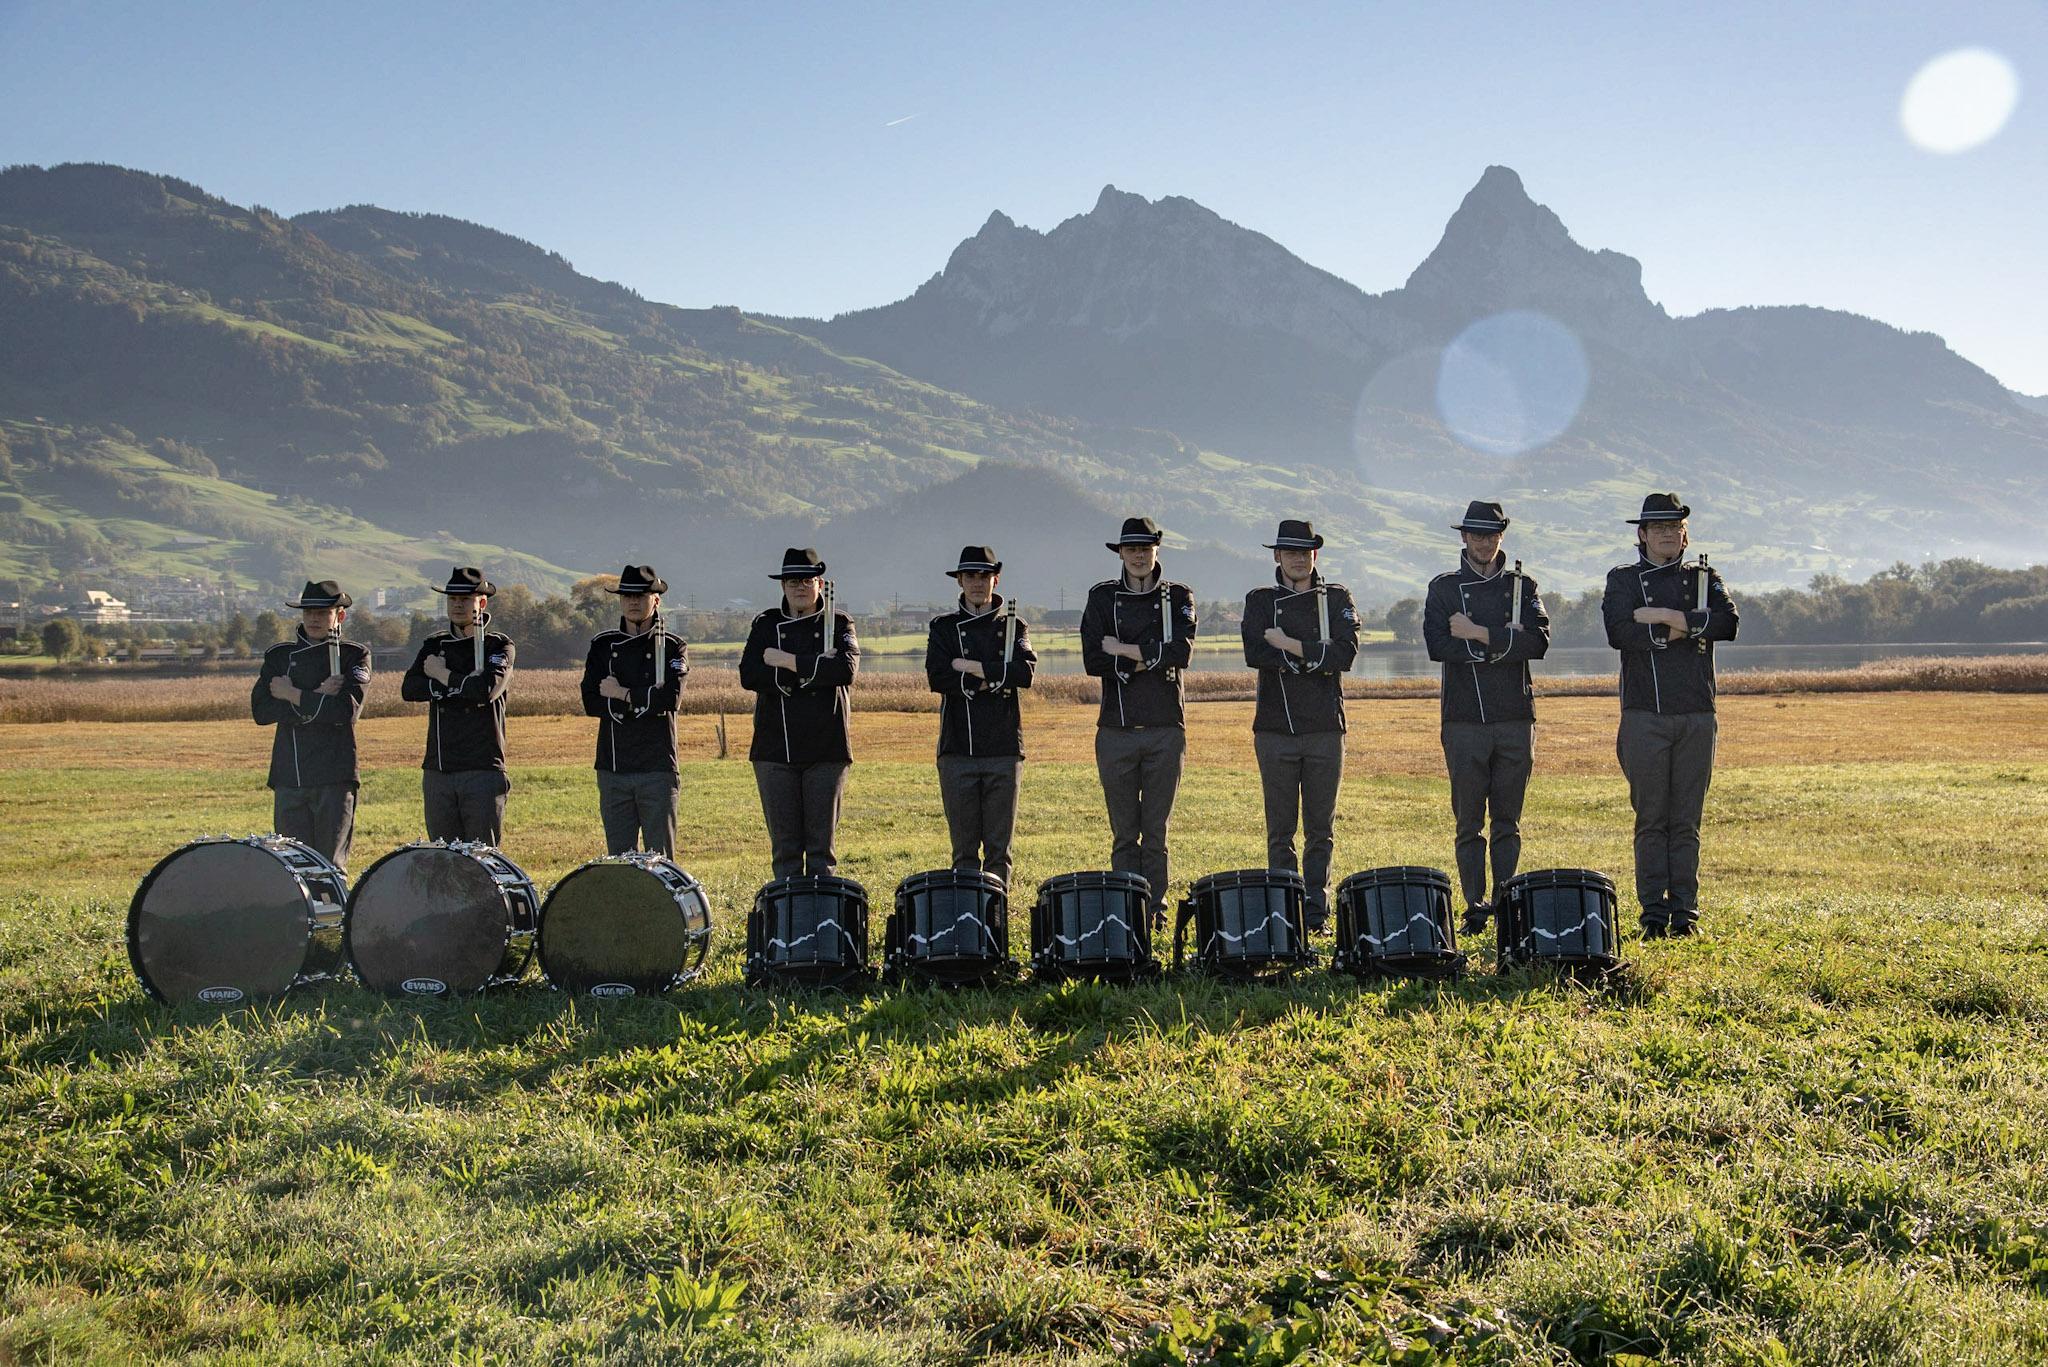 7-instrumente-vorne